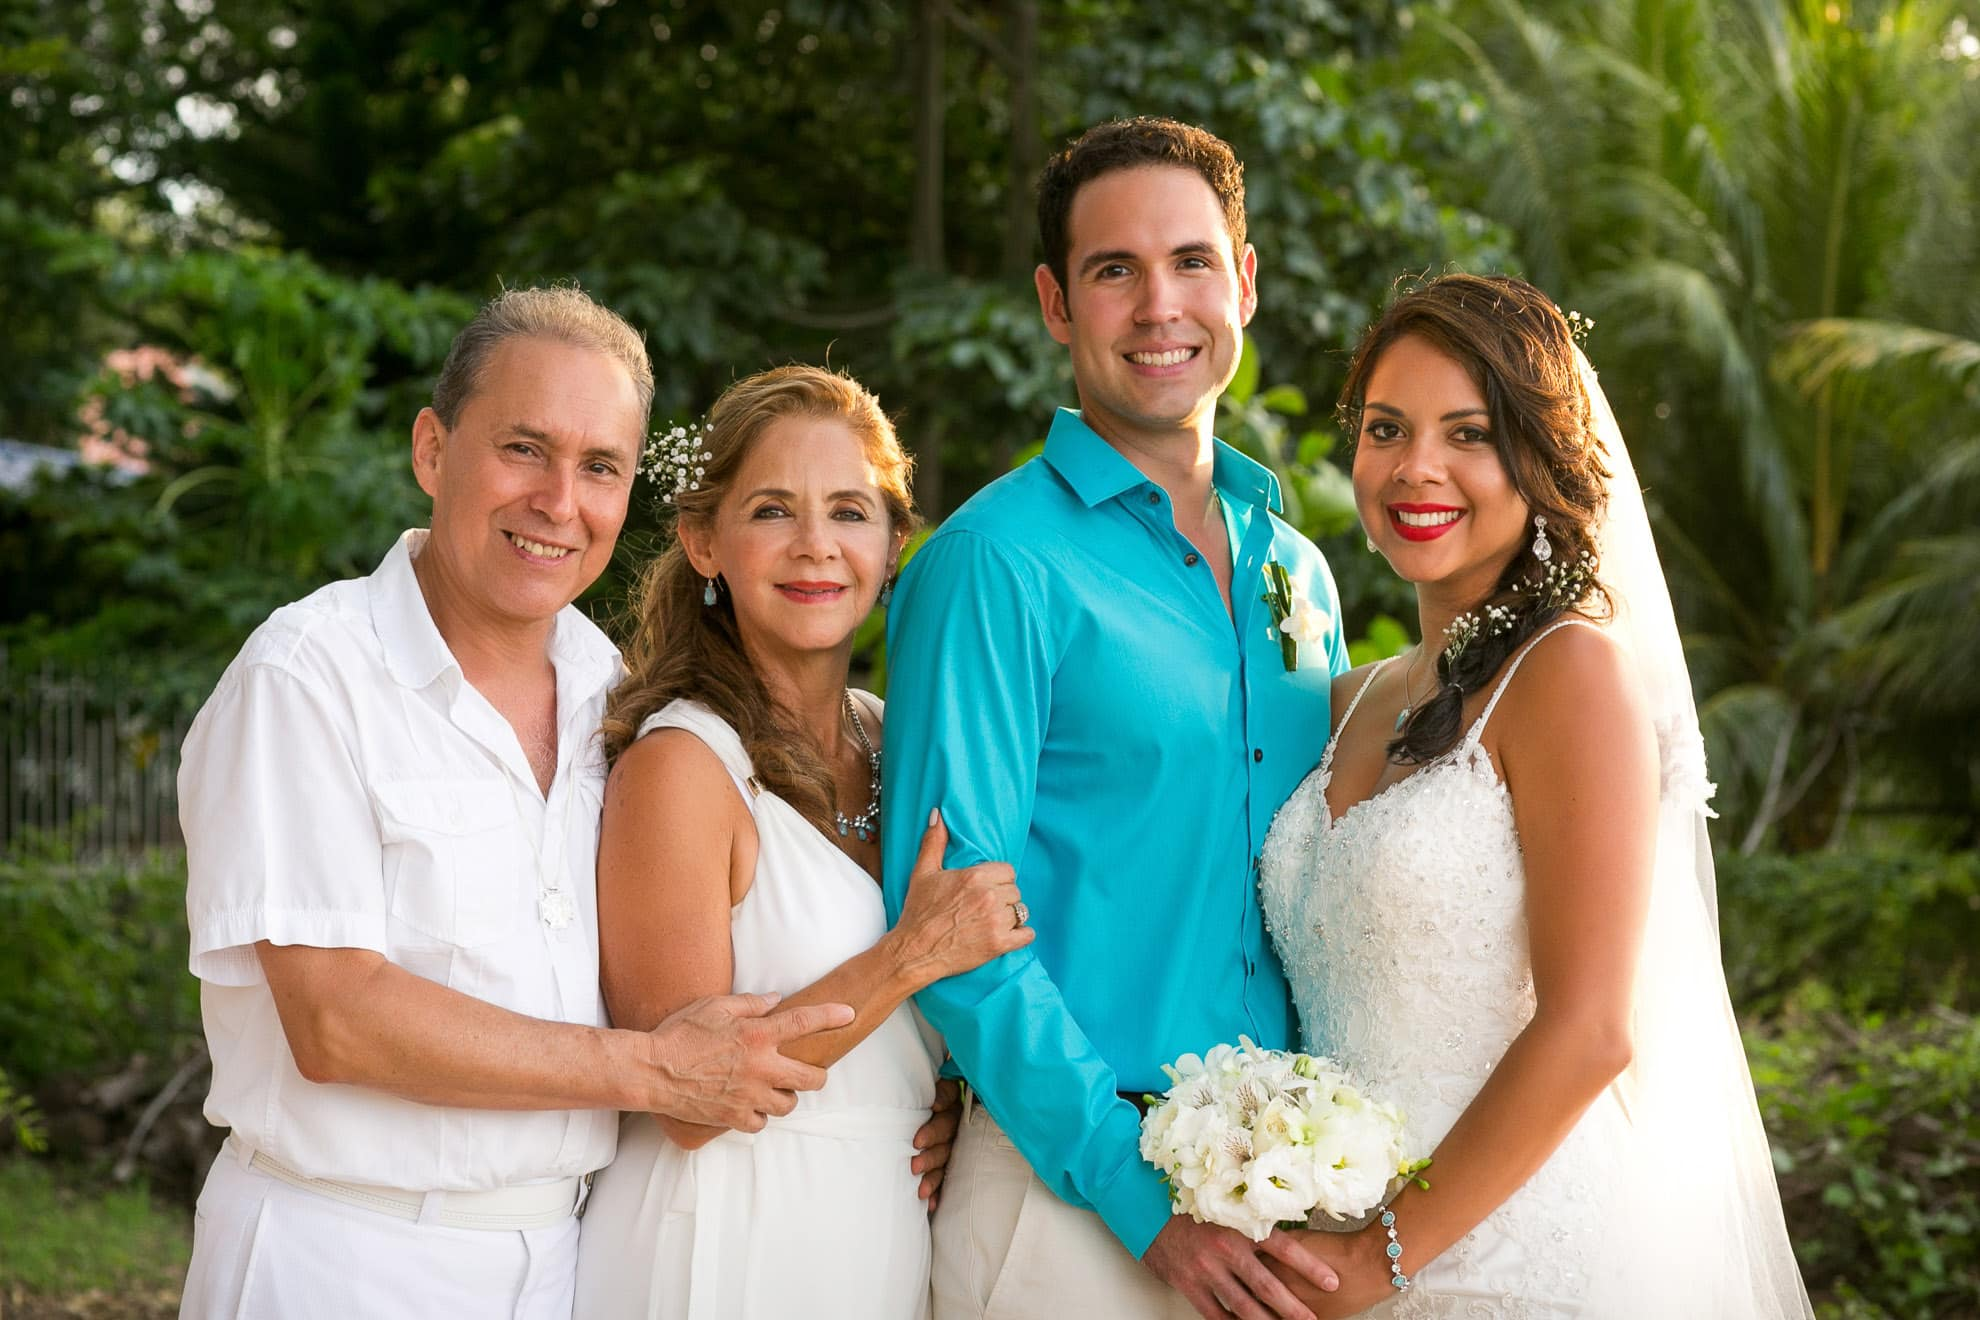 Family portraits in Costa Rica.